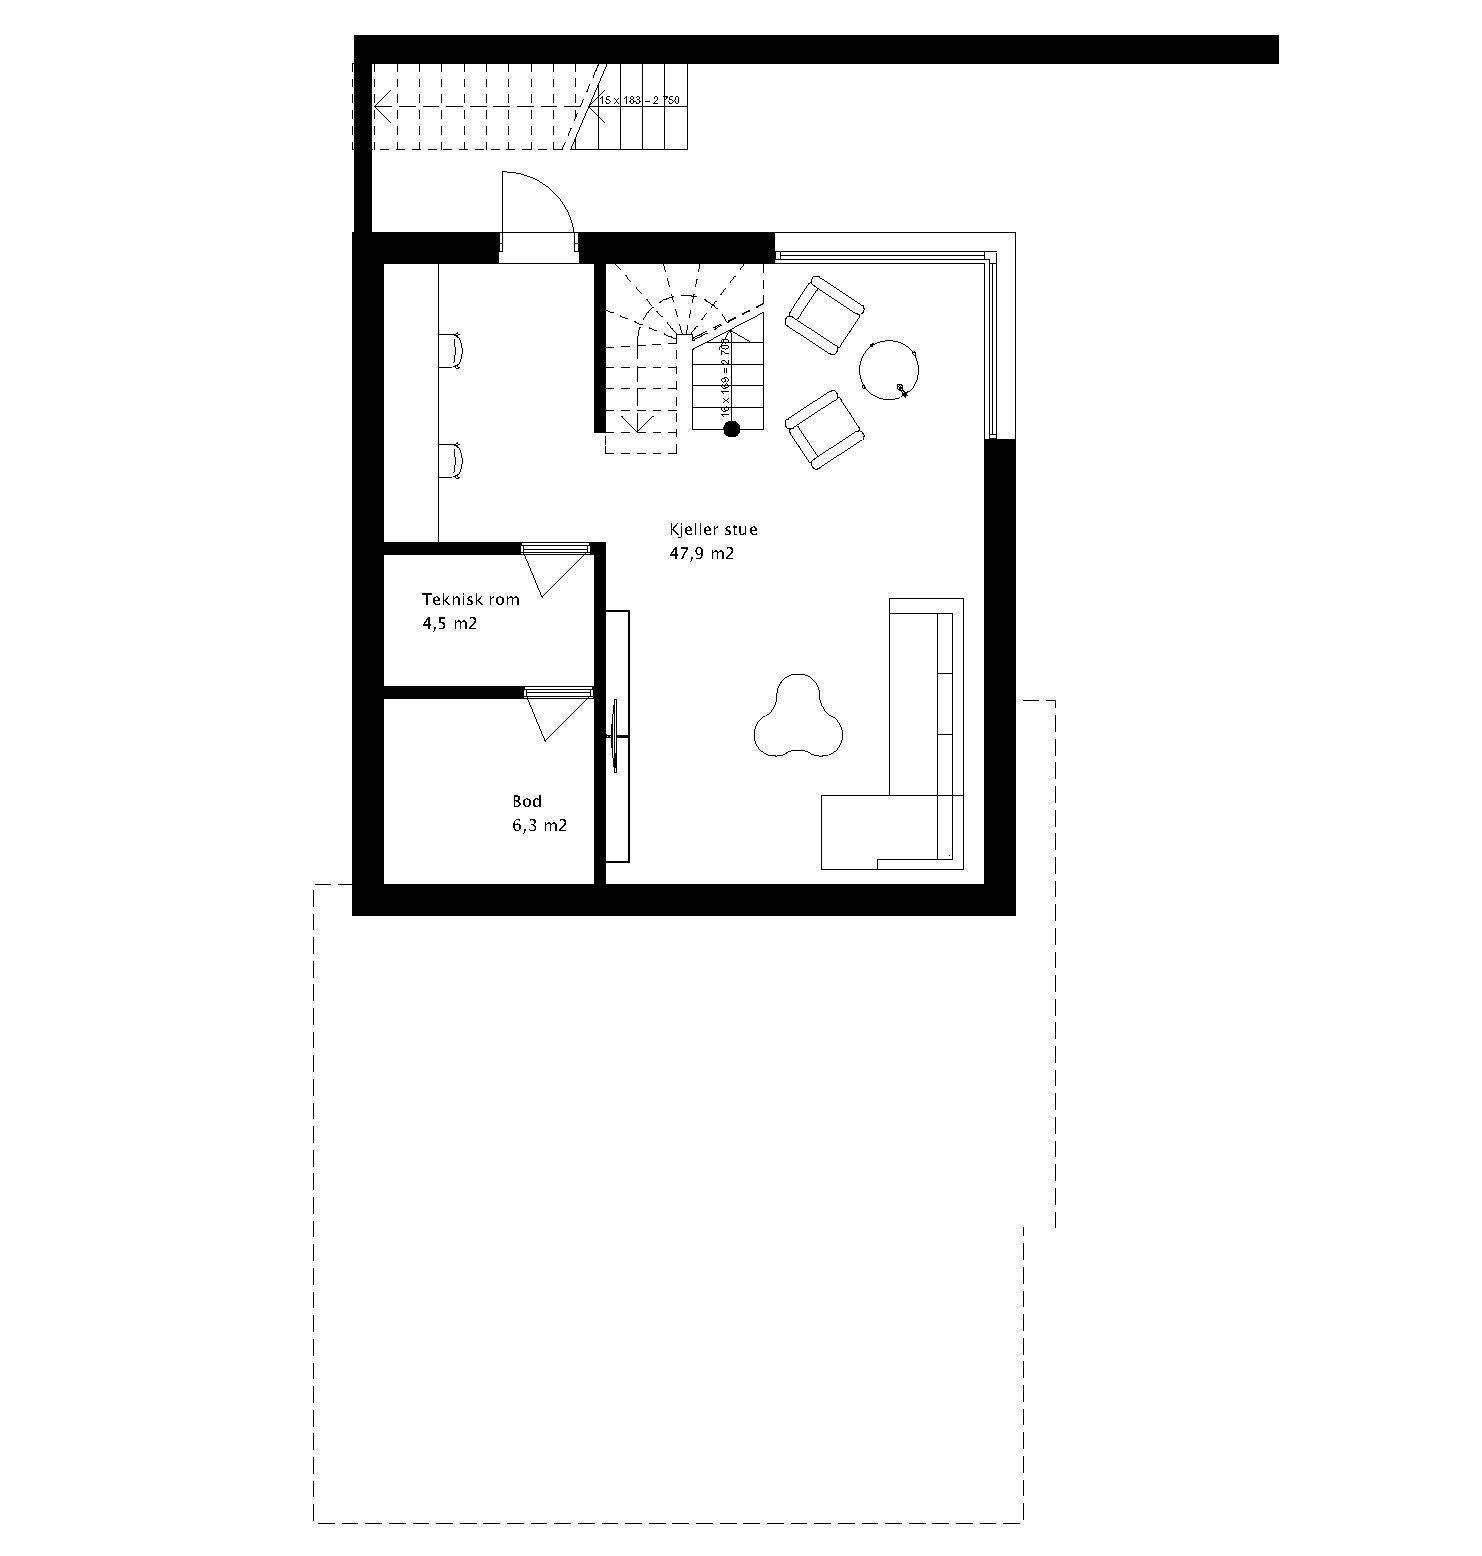 Boligtype 3 Plan Sokkel.jpg